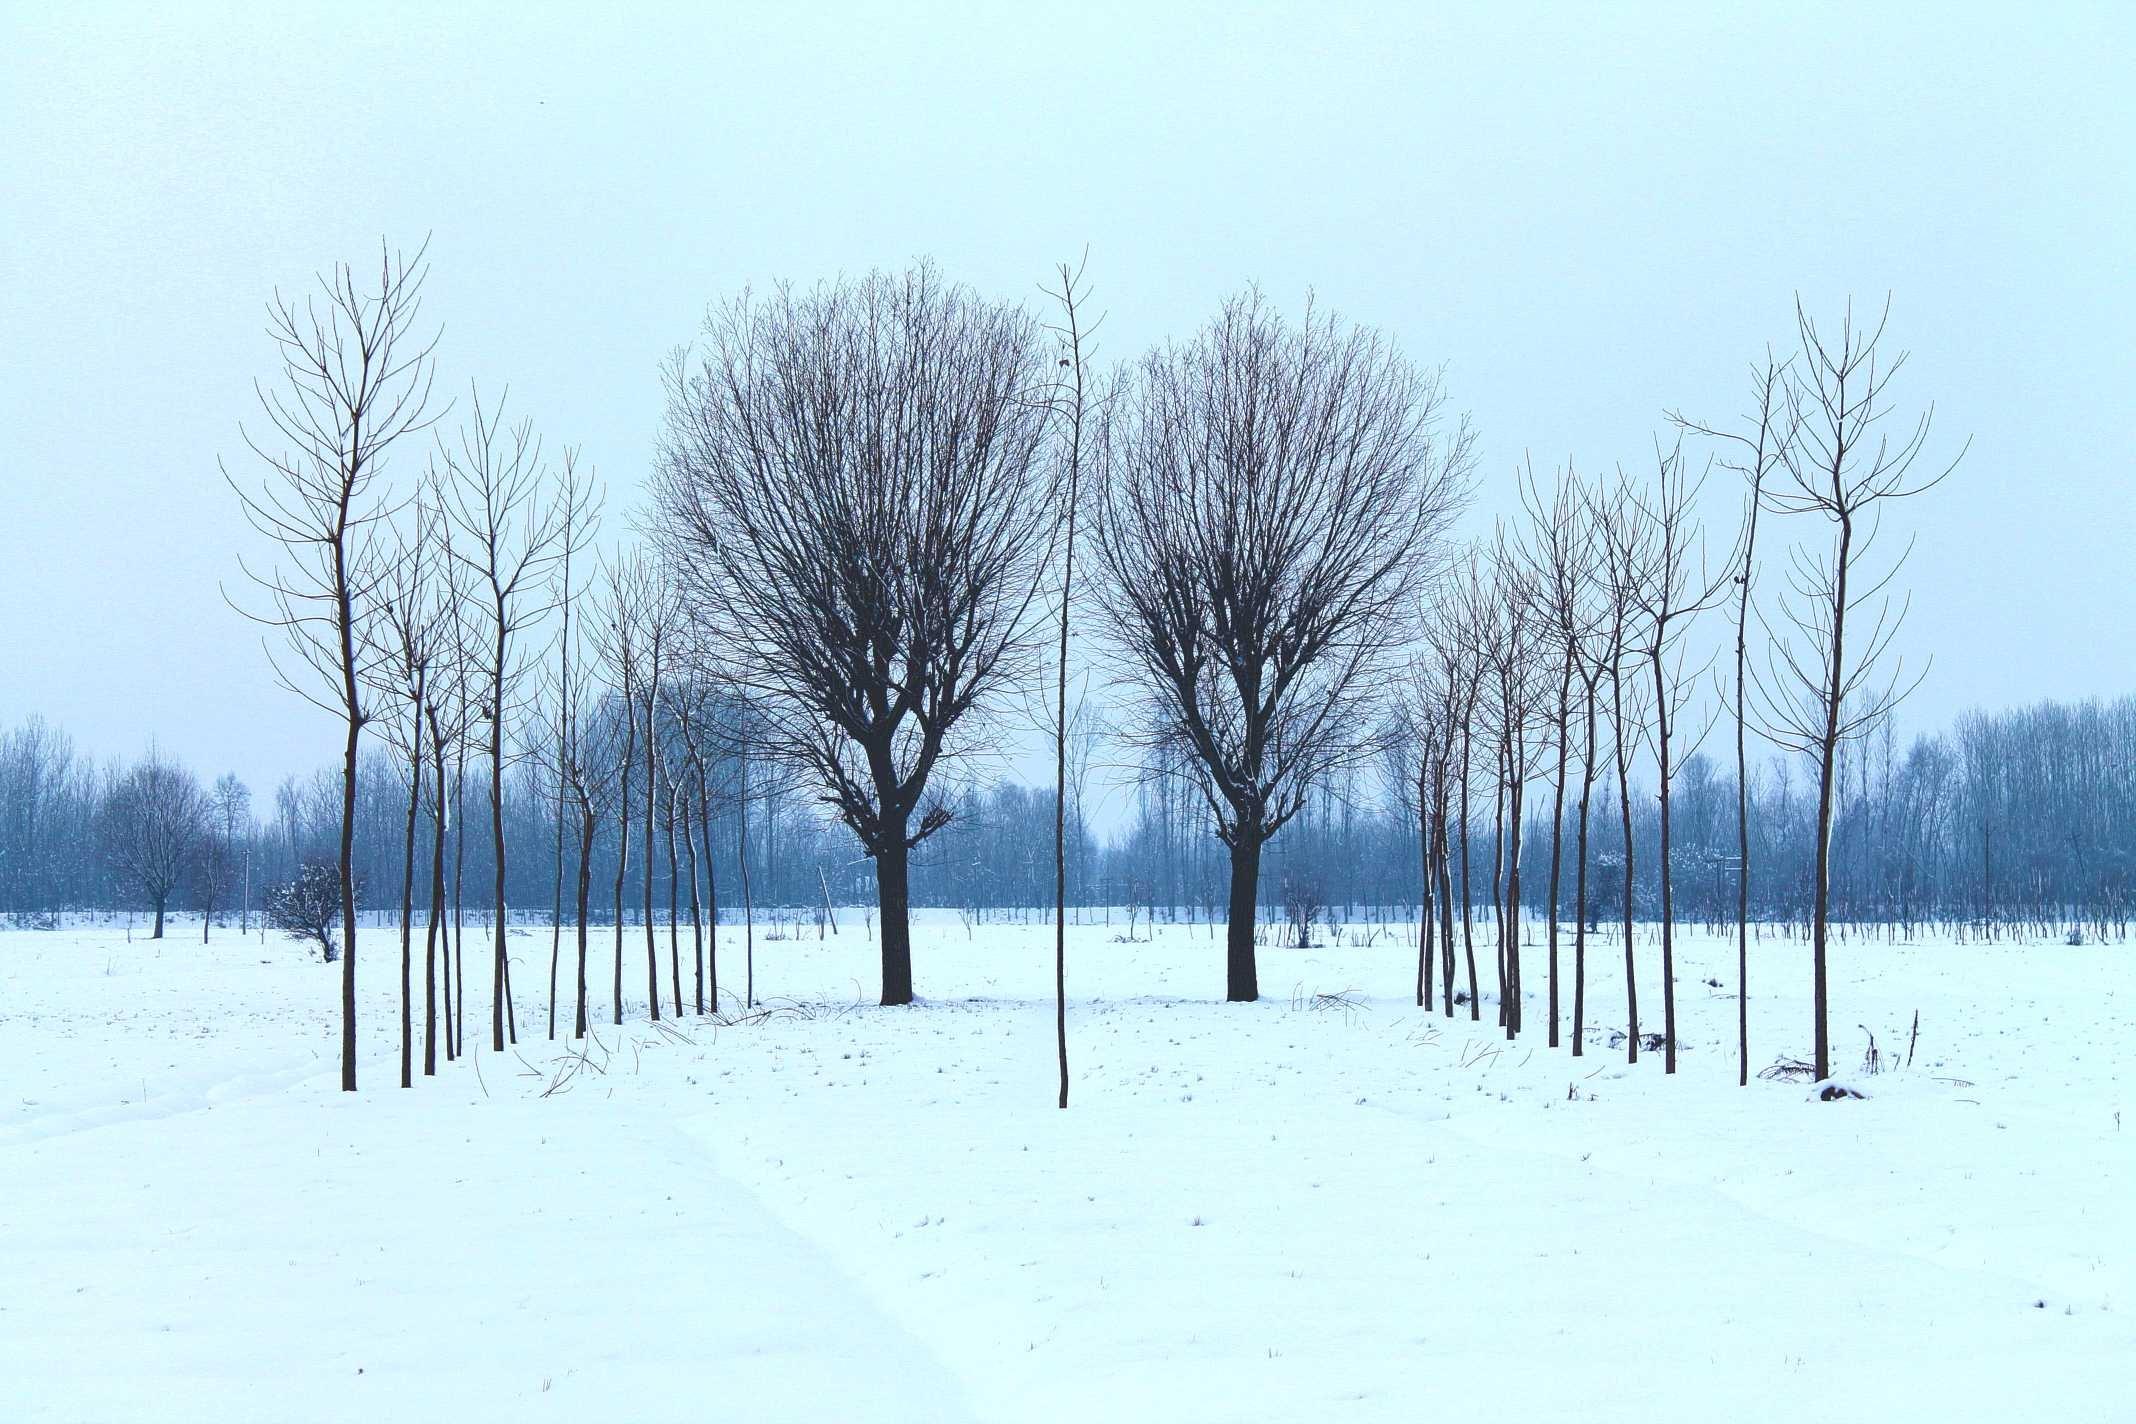 Trees form symmetric lines in a snowy winter field